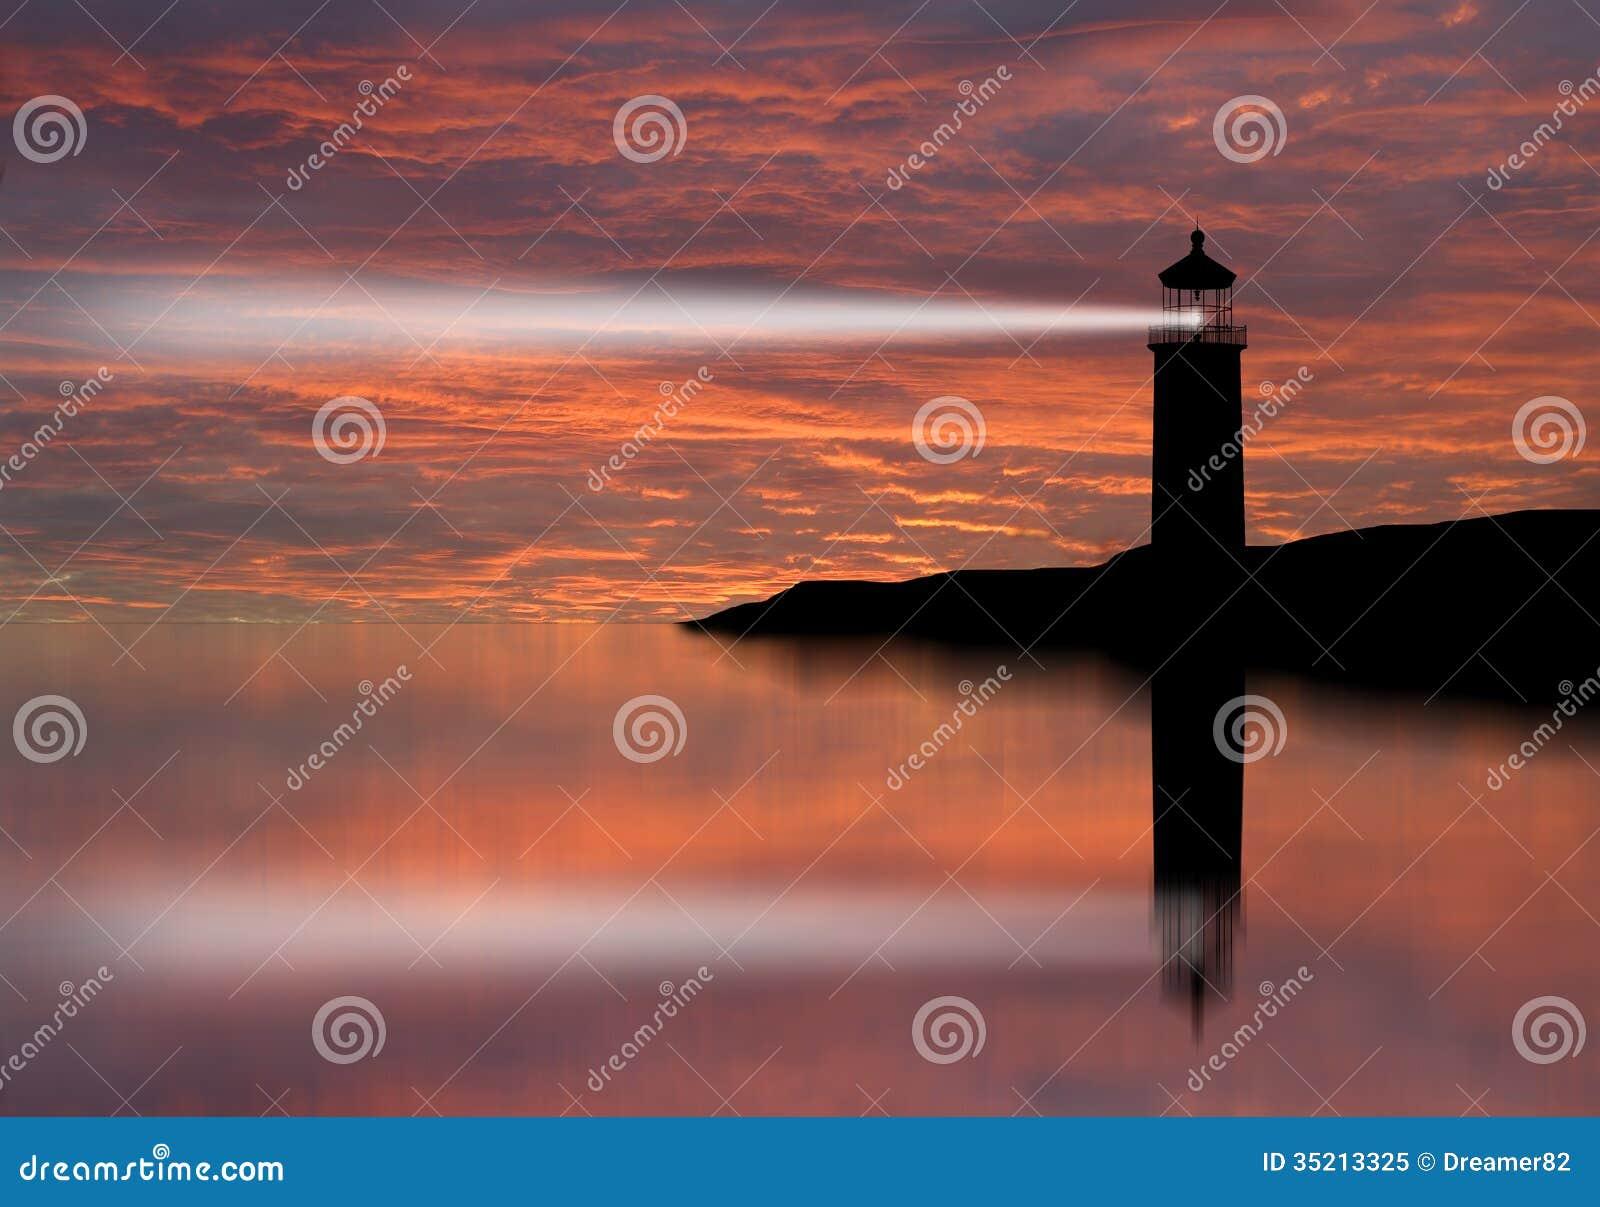 Haz del reflector del faro a través del aire marino en la noche.